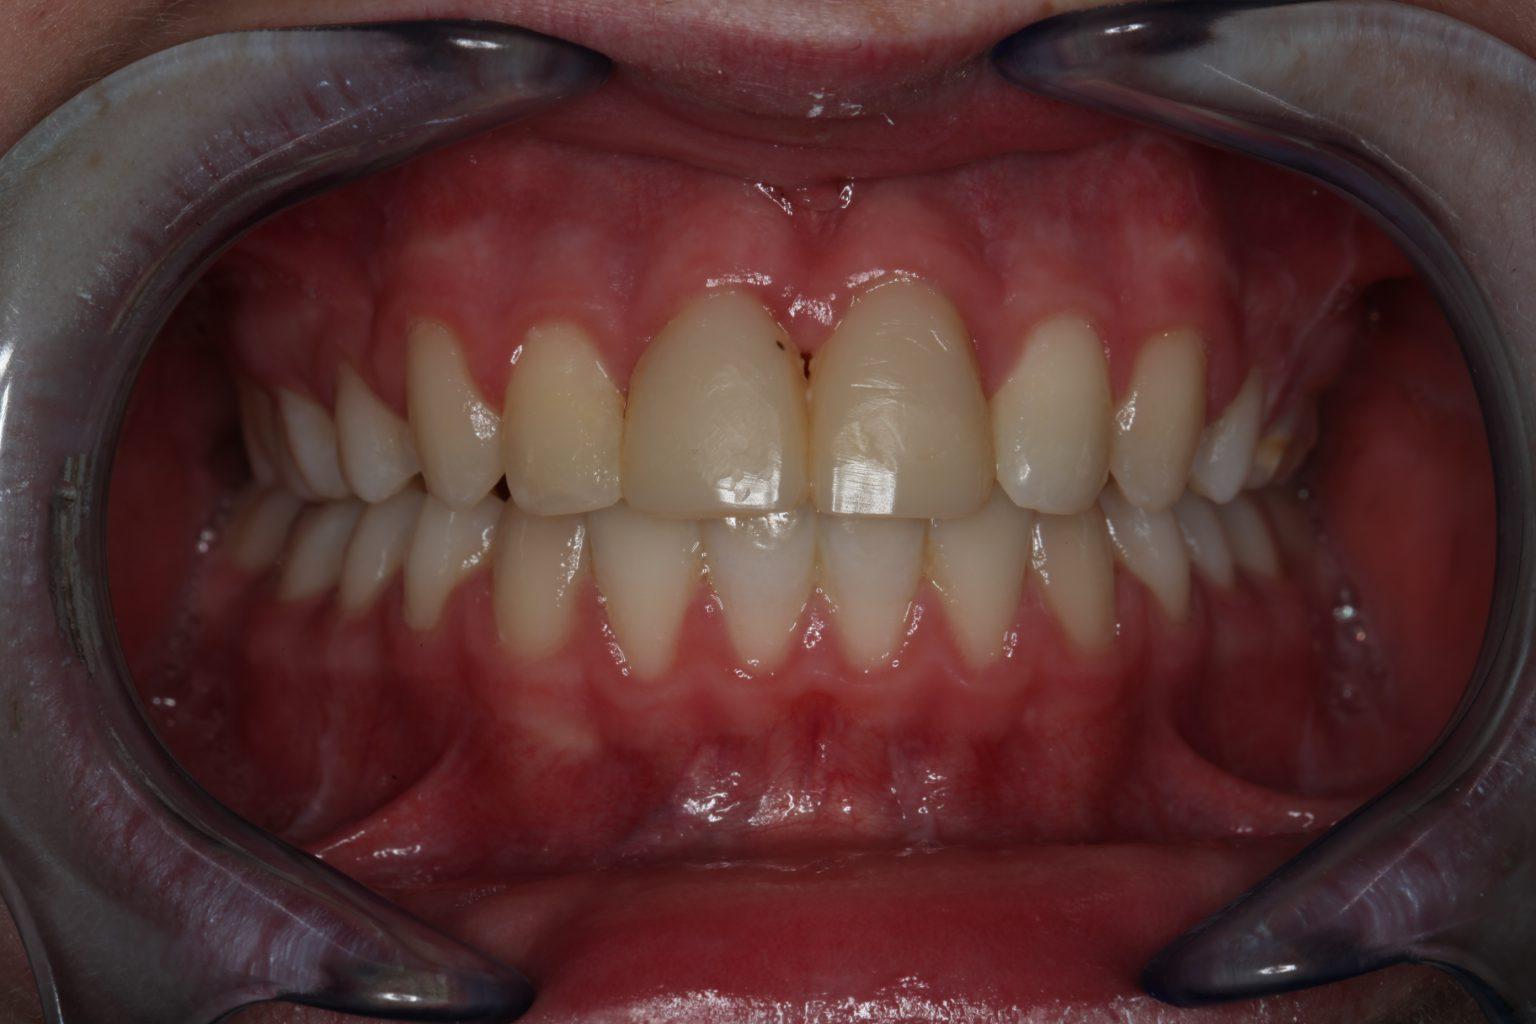 Vooraanzicht met ge-autotransplanteerde premolaren